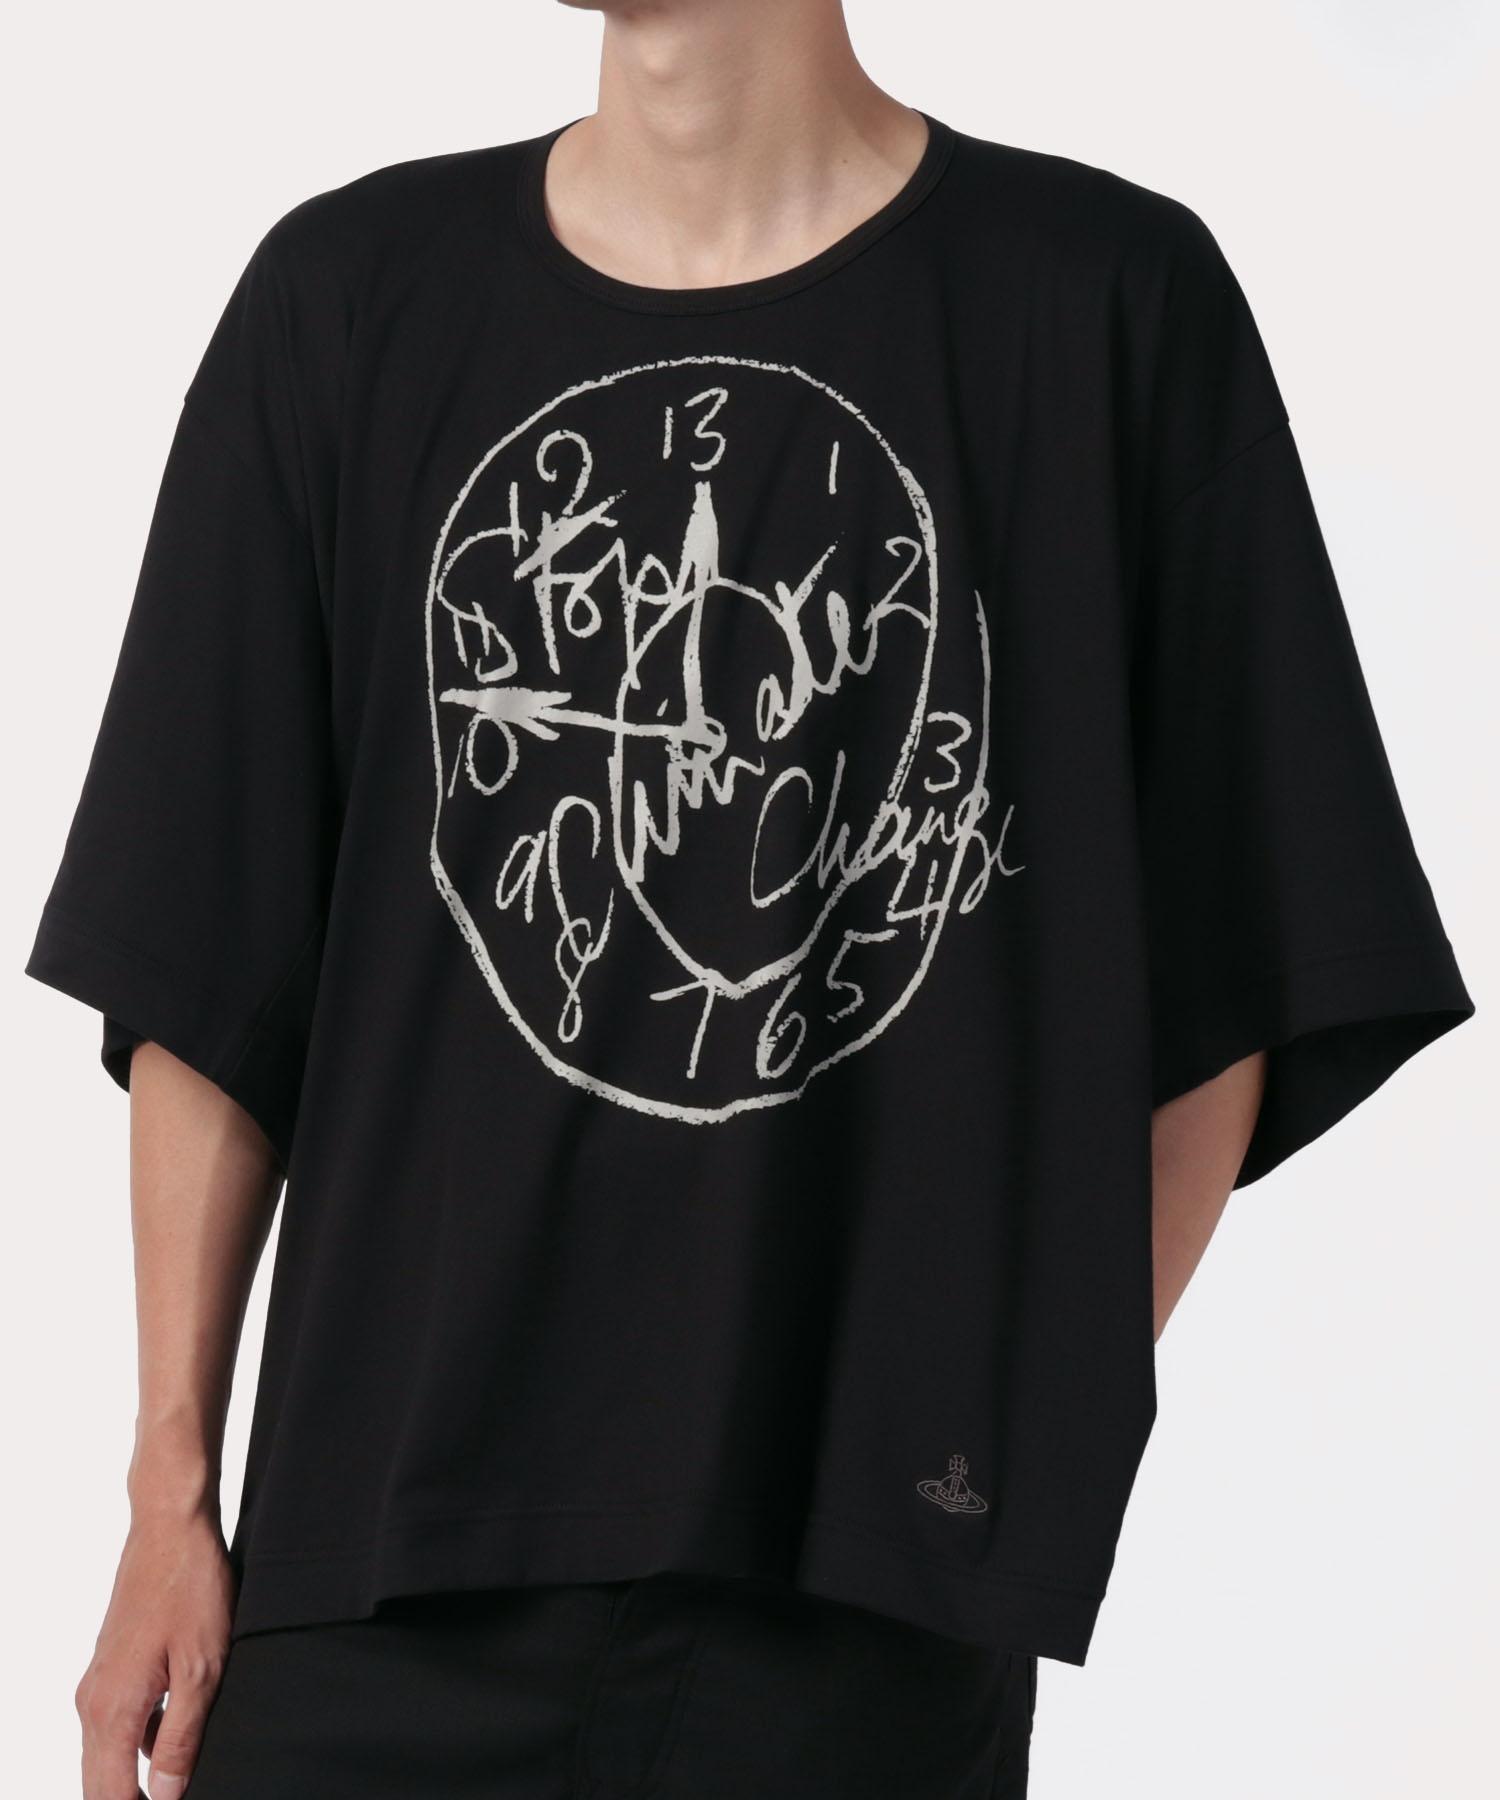 ストップクライメイトチェンジ ビッグTシャツ